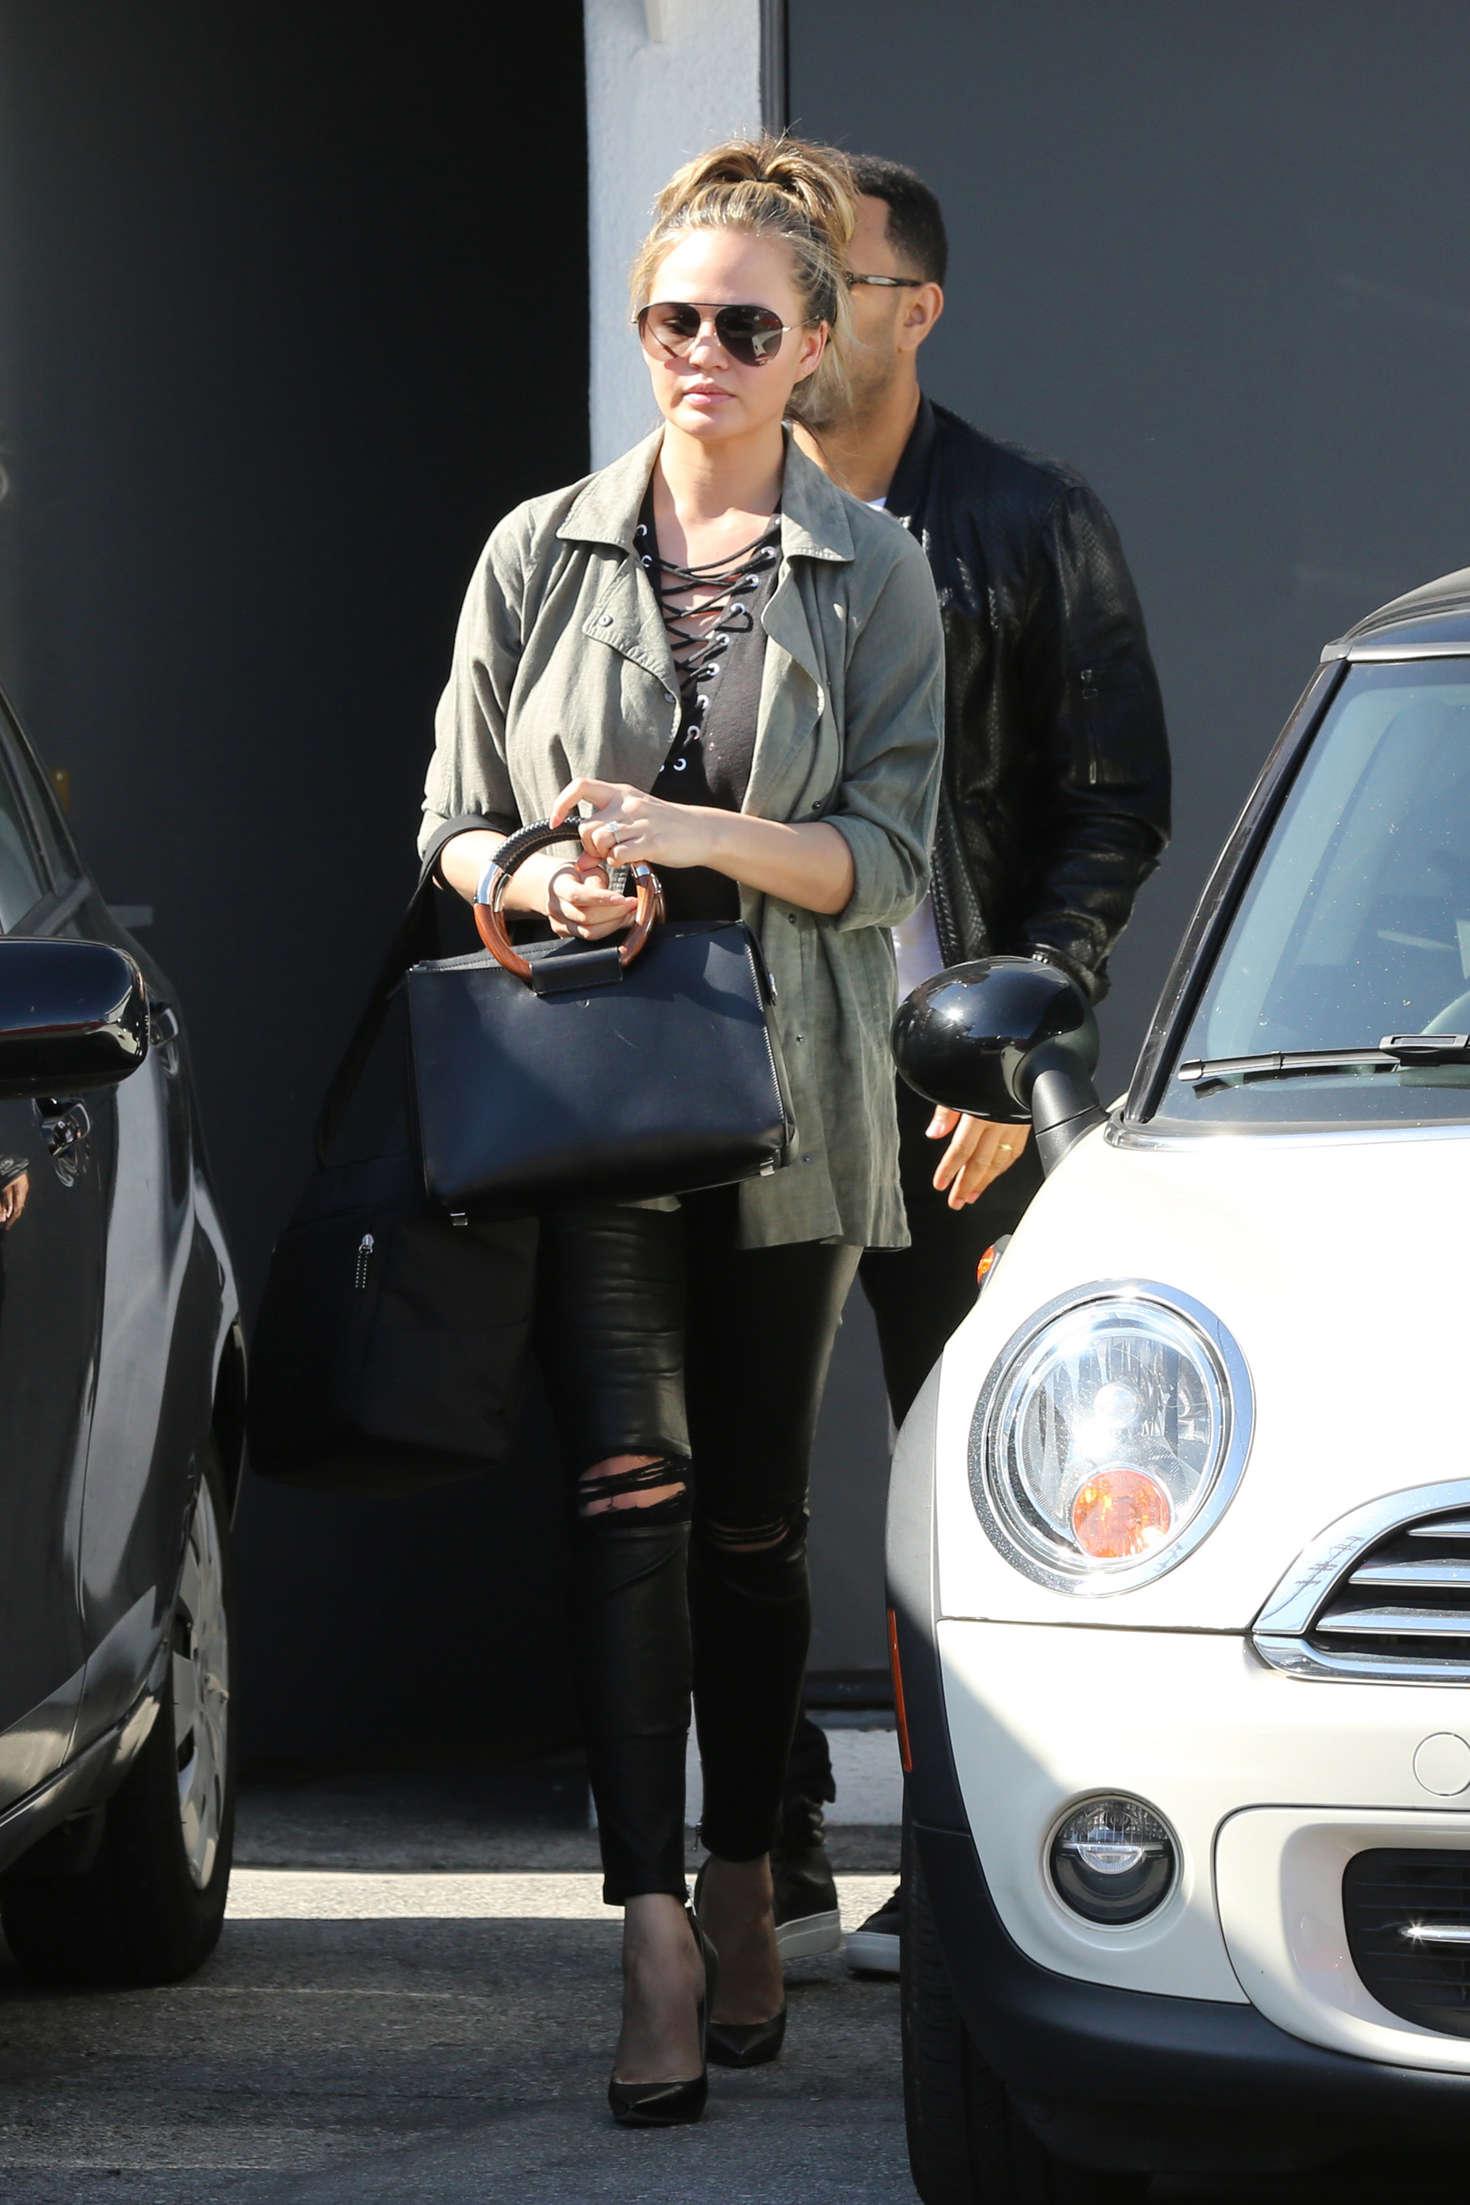 Chrissy Teigen leaves a salon in LA